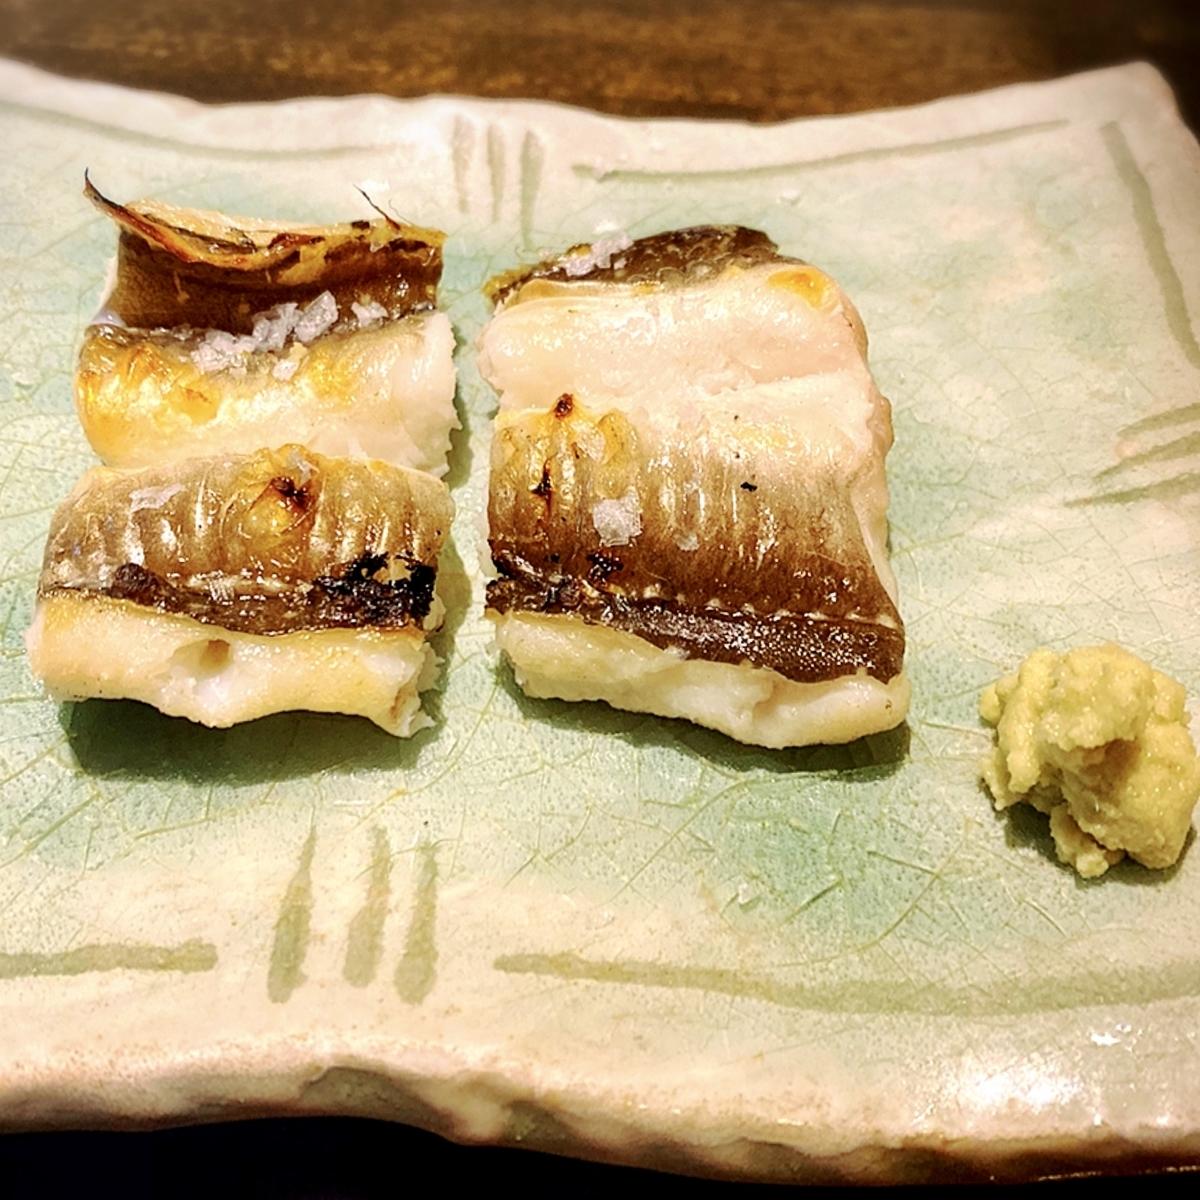 日本酒と絶品おつまみが味わえる日本酒居酒屋「イザカヤ コン」